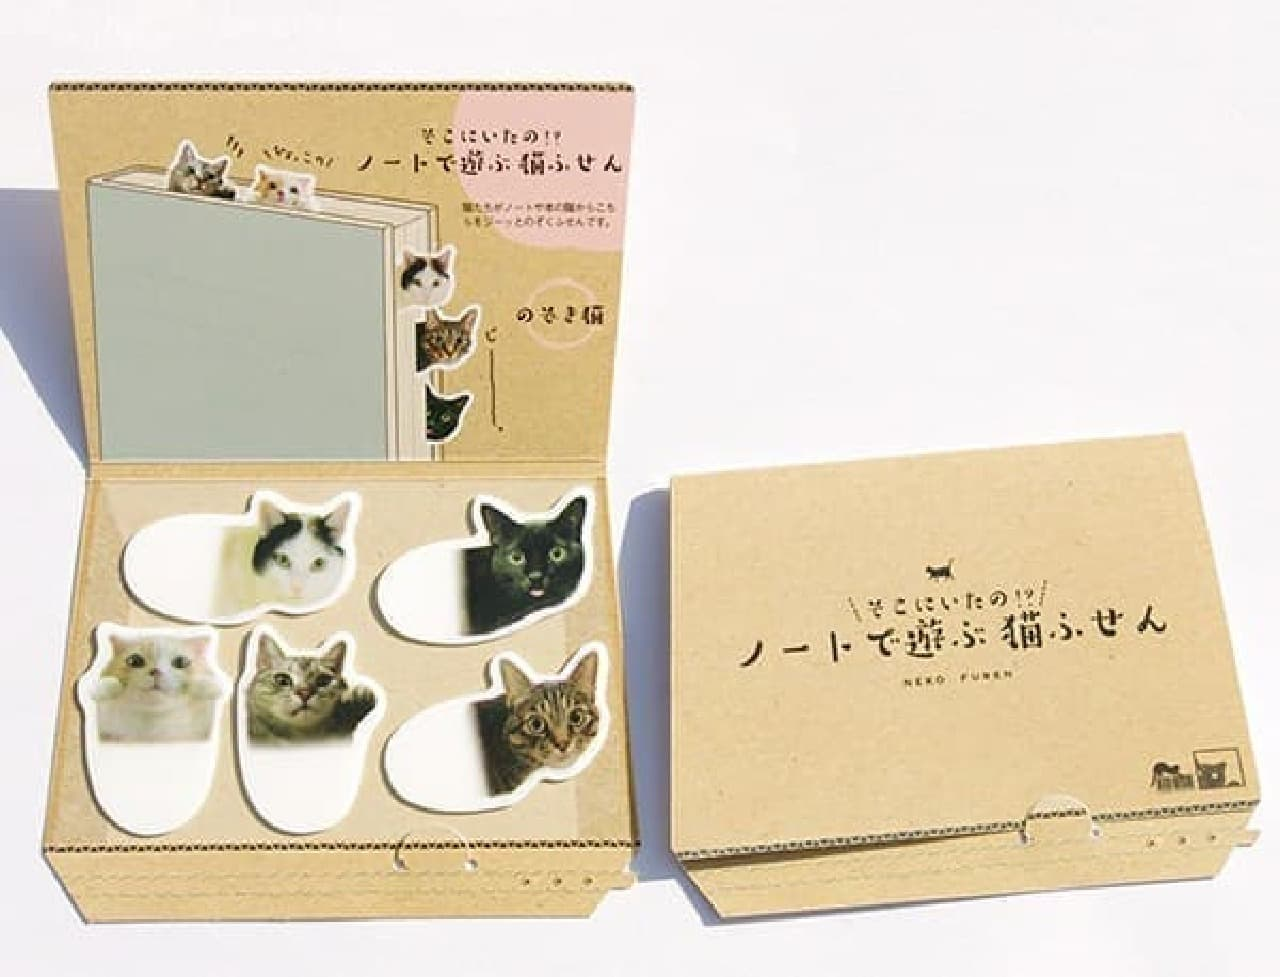 ネコの好きなダンボール箱デザインの台紙で発送!